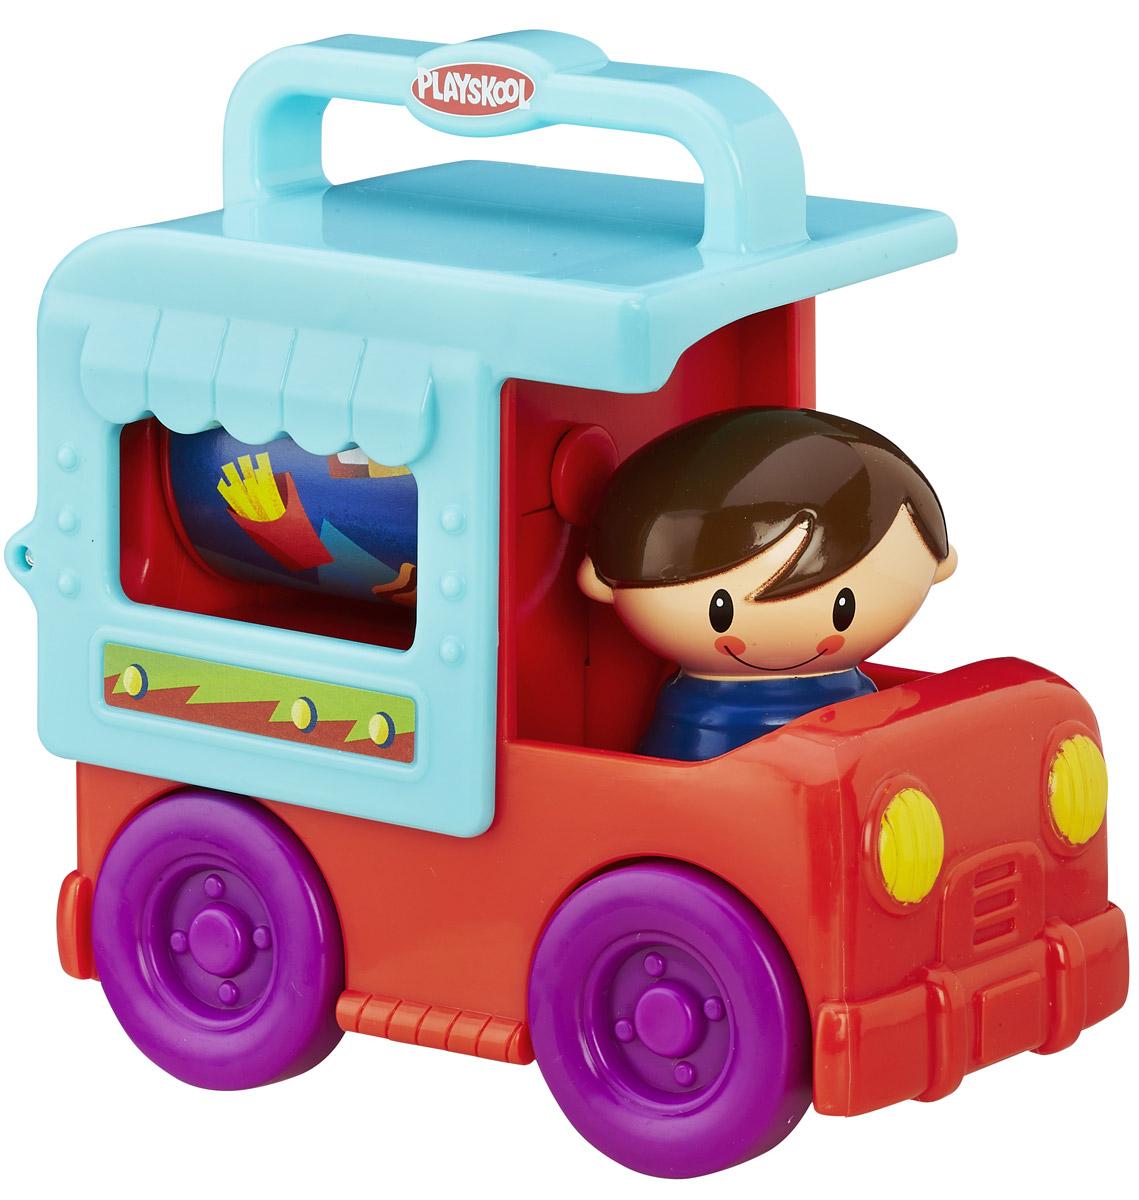 Playskool Развивающая игрушка Грузовичок цвет красный бирюзовый фиолетовыйB4533EU4_B4894Развивающая игрушка Playskool Грузовичок привлечет внимание вашего малыша и не позволит ему скучать! Выполненная из безопасного пластика, игрушка представляет собой грузовичок с водителем. Водитель поворачивается с щелкающими звуками, крыша машинки откидывается назад, открывая находящийся в кузове барабан, украшенный изображением еды. Барабан крутится. Колеса машинки свободно вращаются. Игрушка легко помещается в сумку, у нее нет отдельных деталей, которые могут потеряться. Размер ручки для переноски на крыше машинки идеально подходит для малышей.